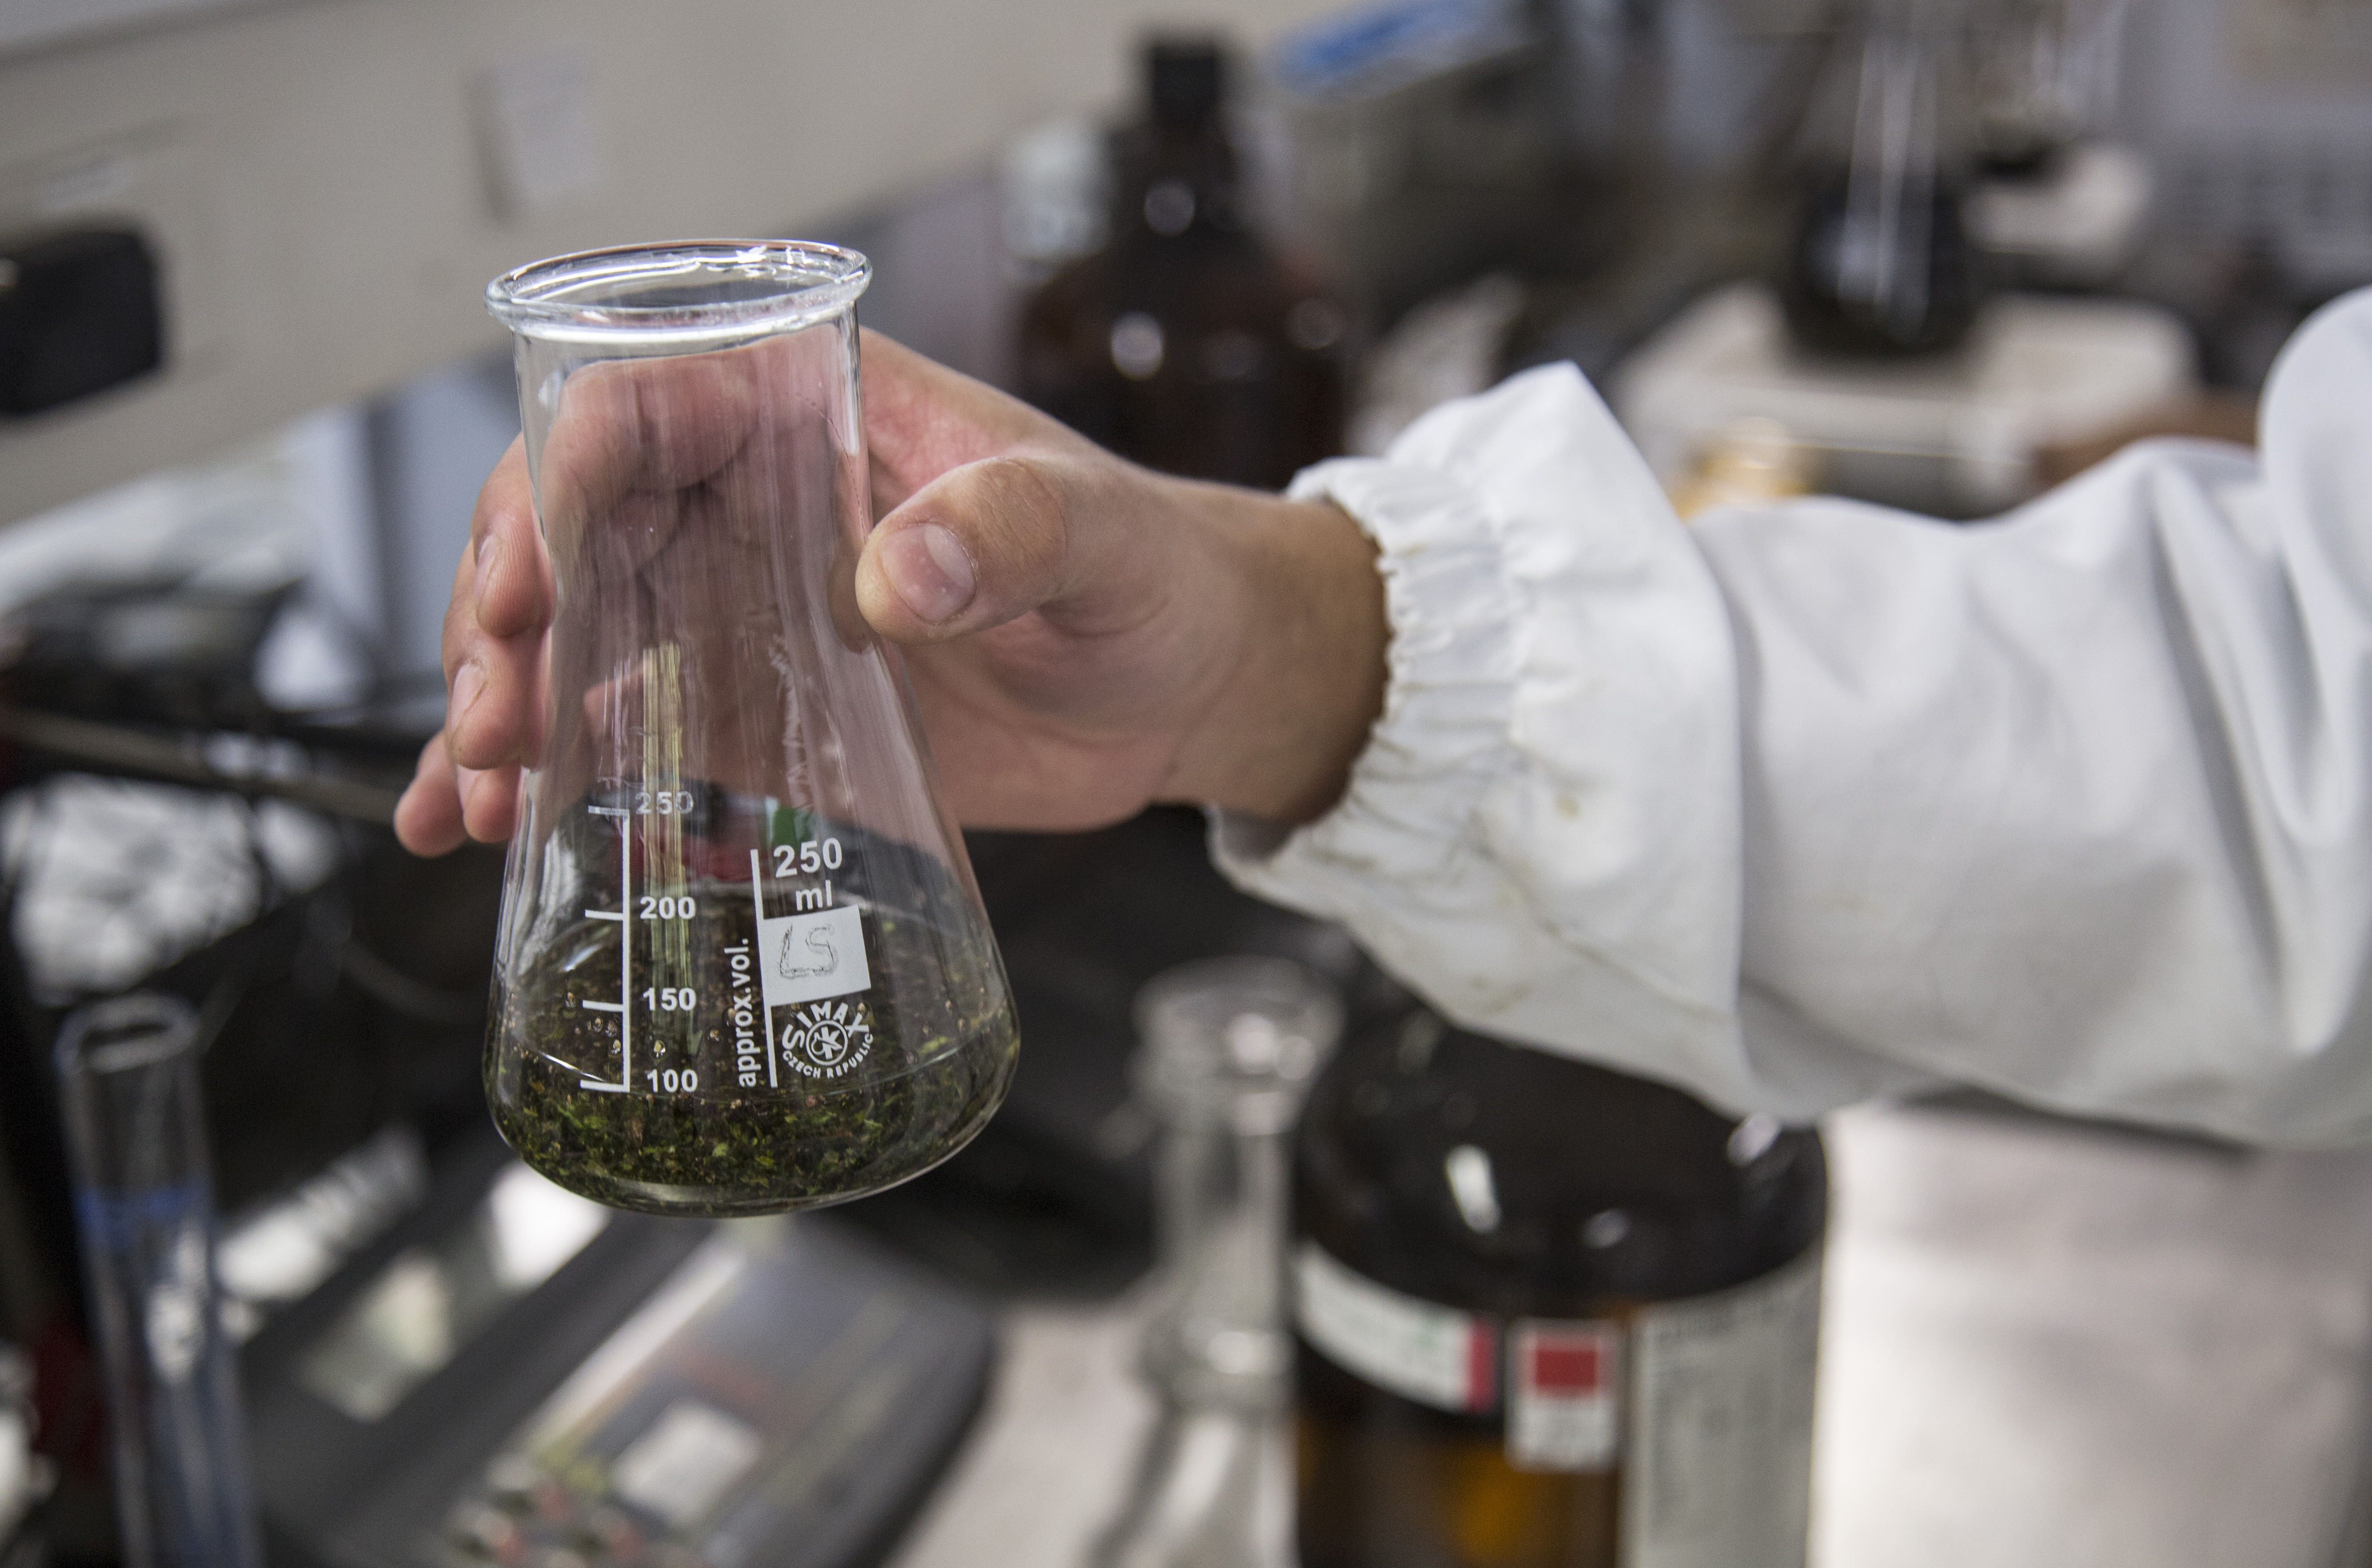 Destilación de cannabis del Grupo Interdisciplinario de Estudios Moleculares de la Universidad de Antioquia. Foto: Juan Fernando Ospina.